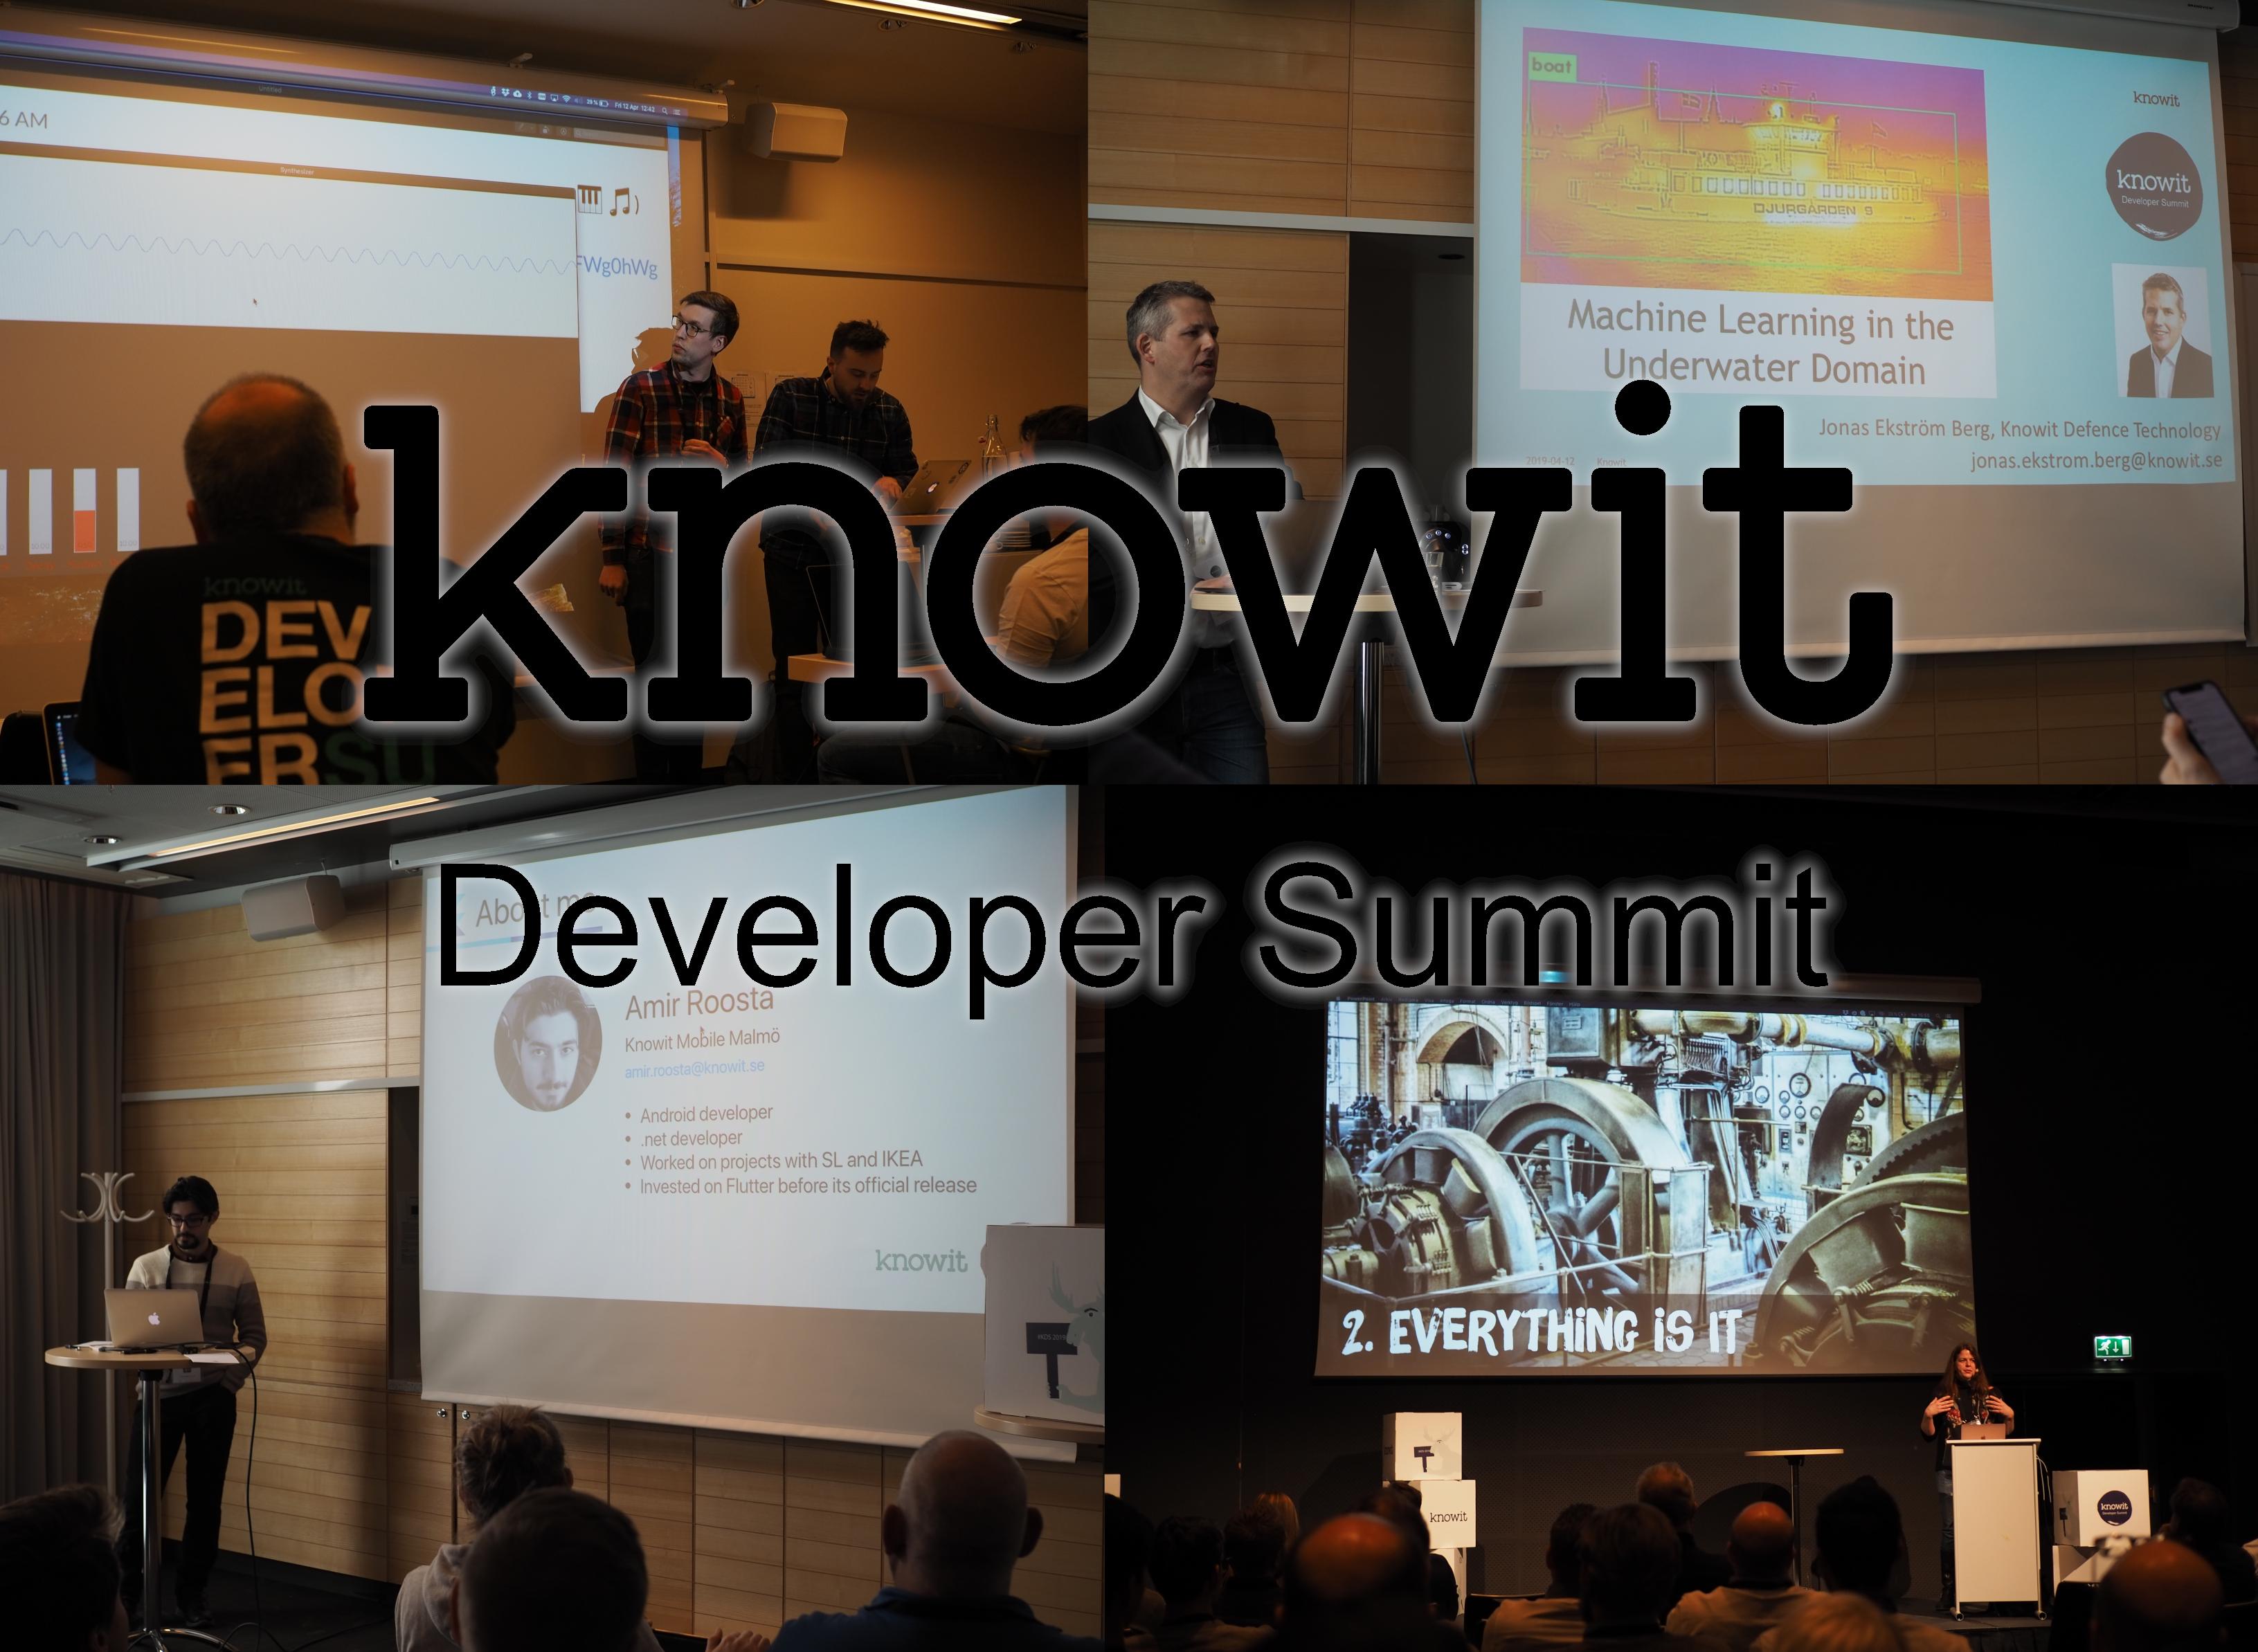 Knowit developer summit 2019